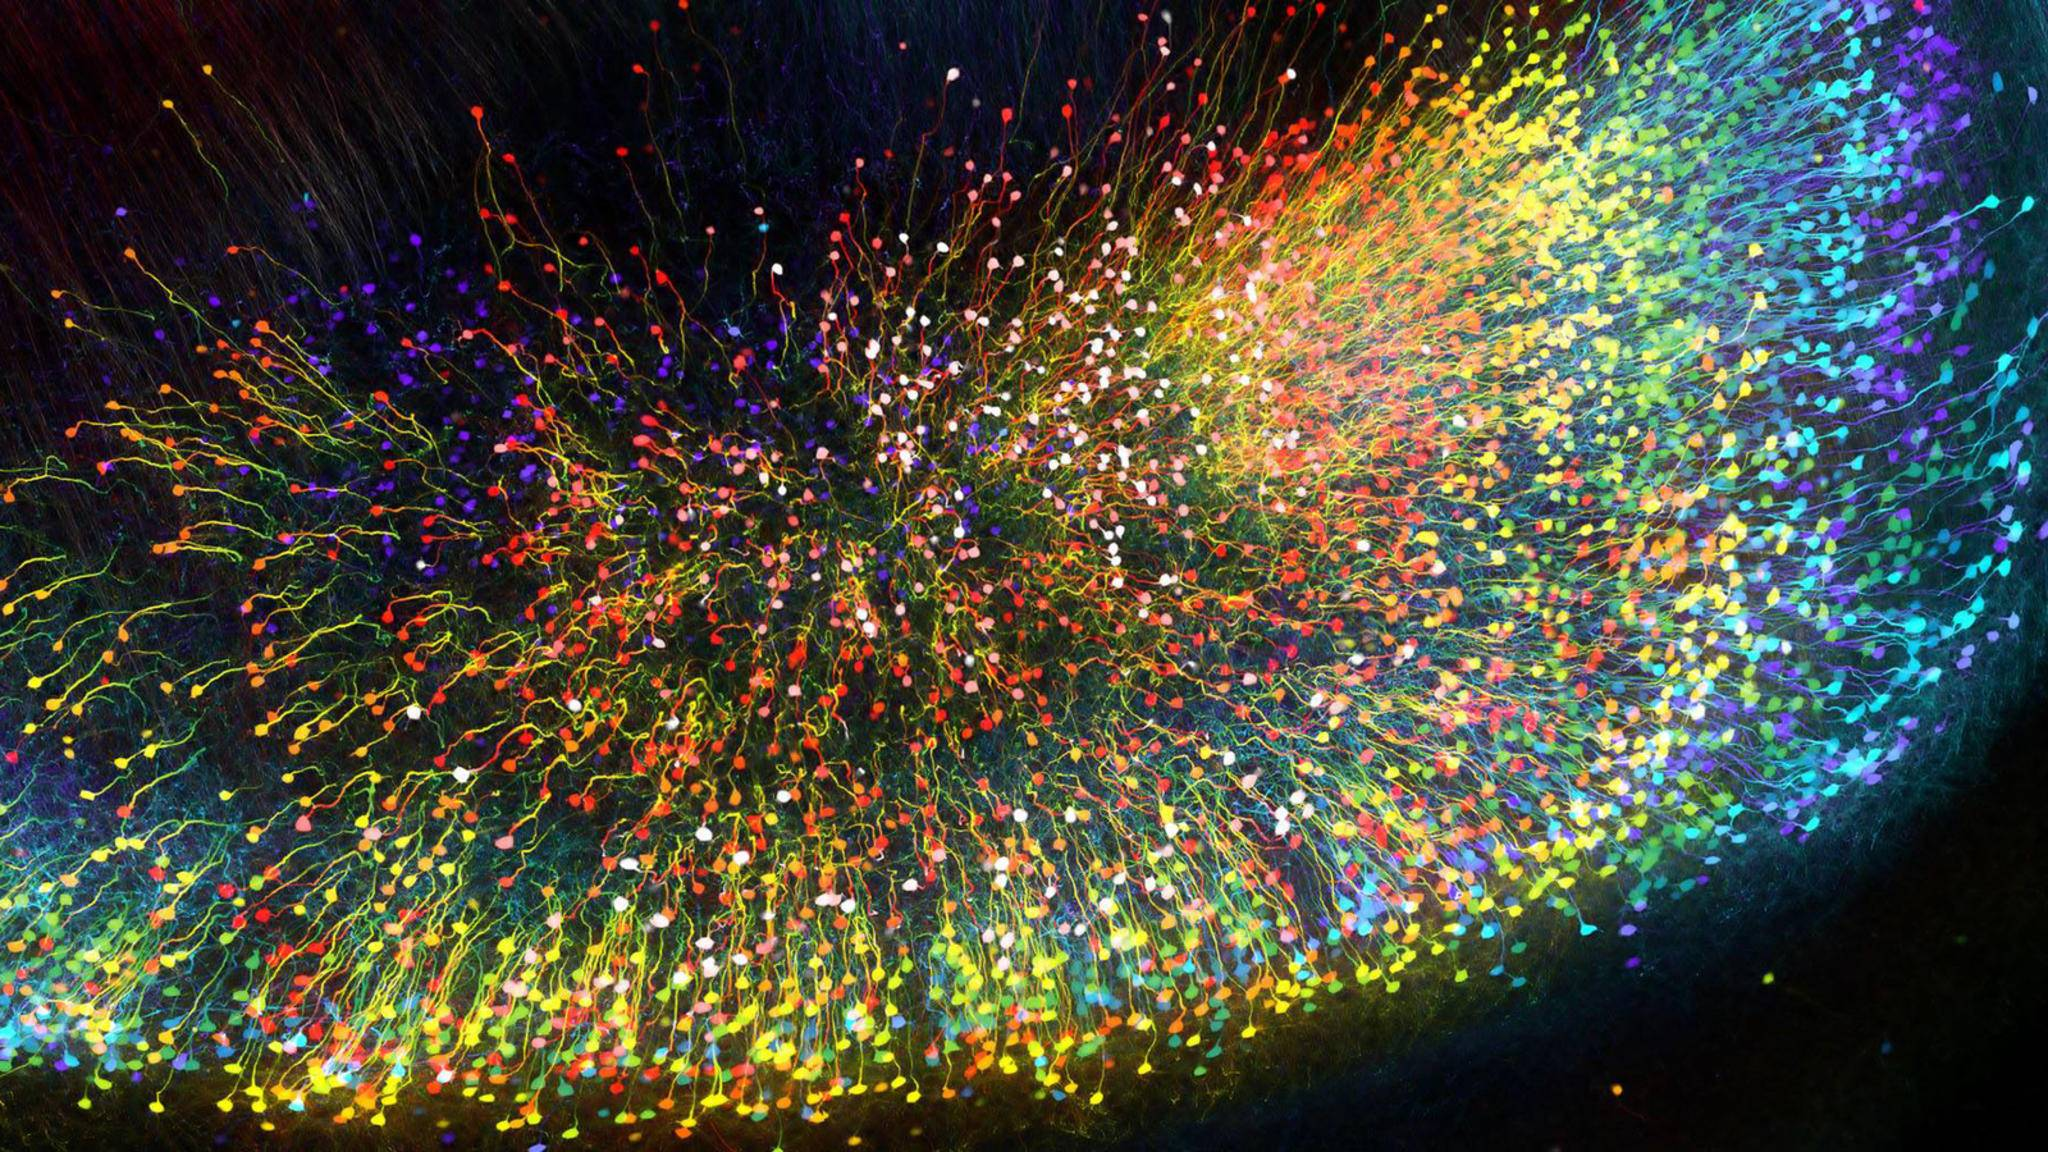 Eine fremde Galaxis? Nein! Dieses Foto zeigt einen Teil eines Mäusegehirns unter dem Mikroskop.